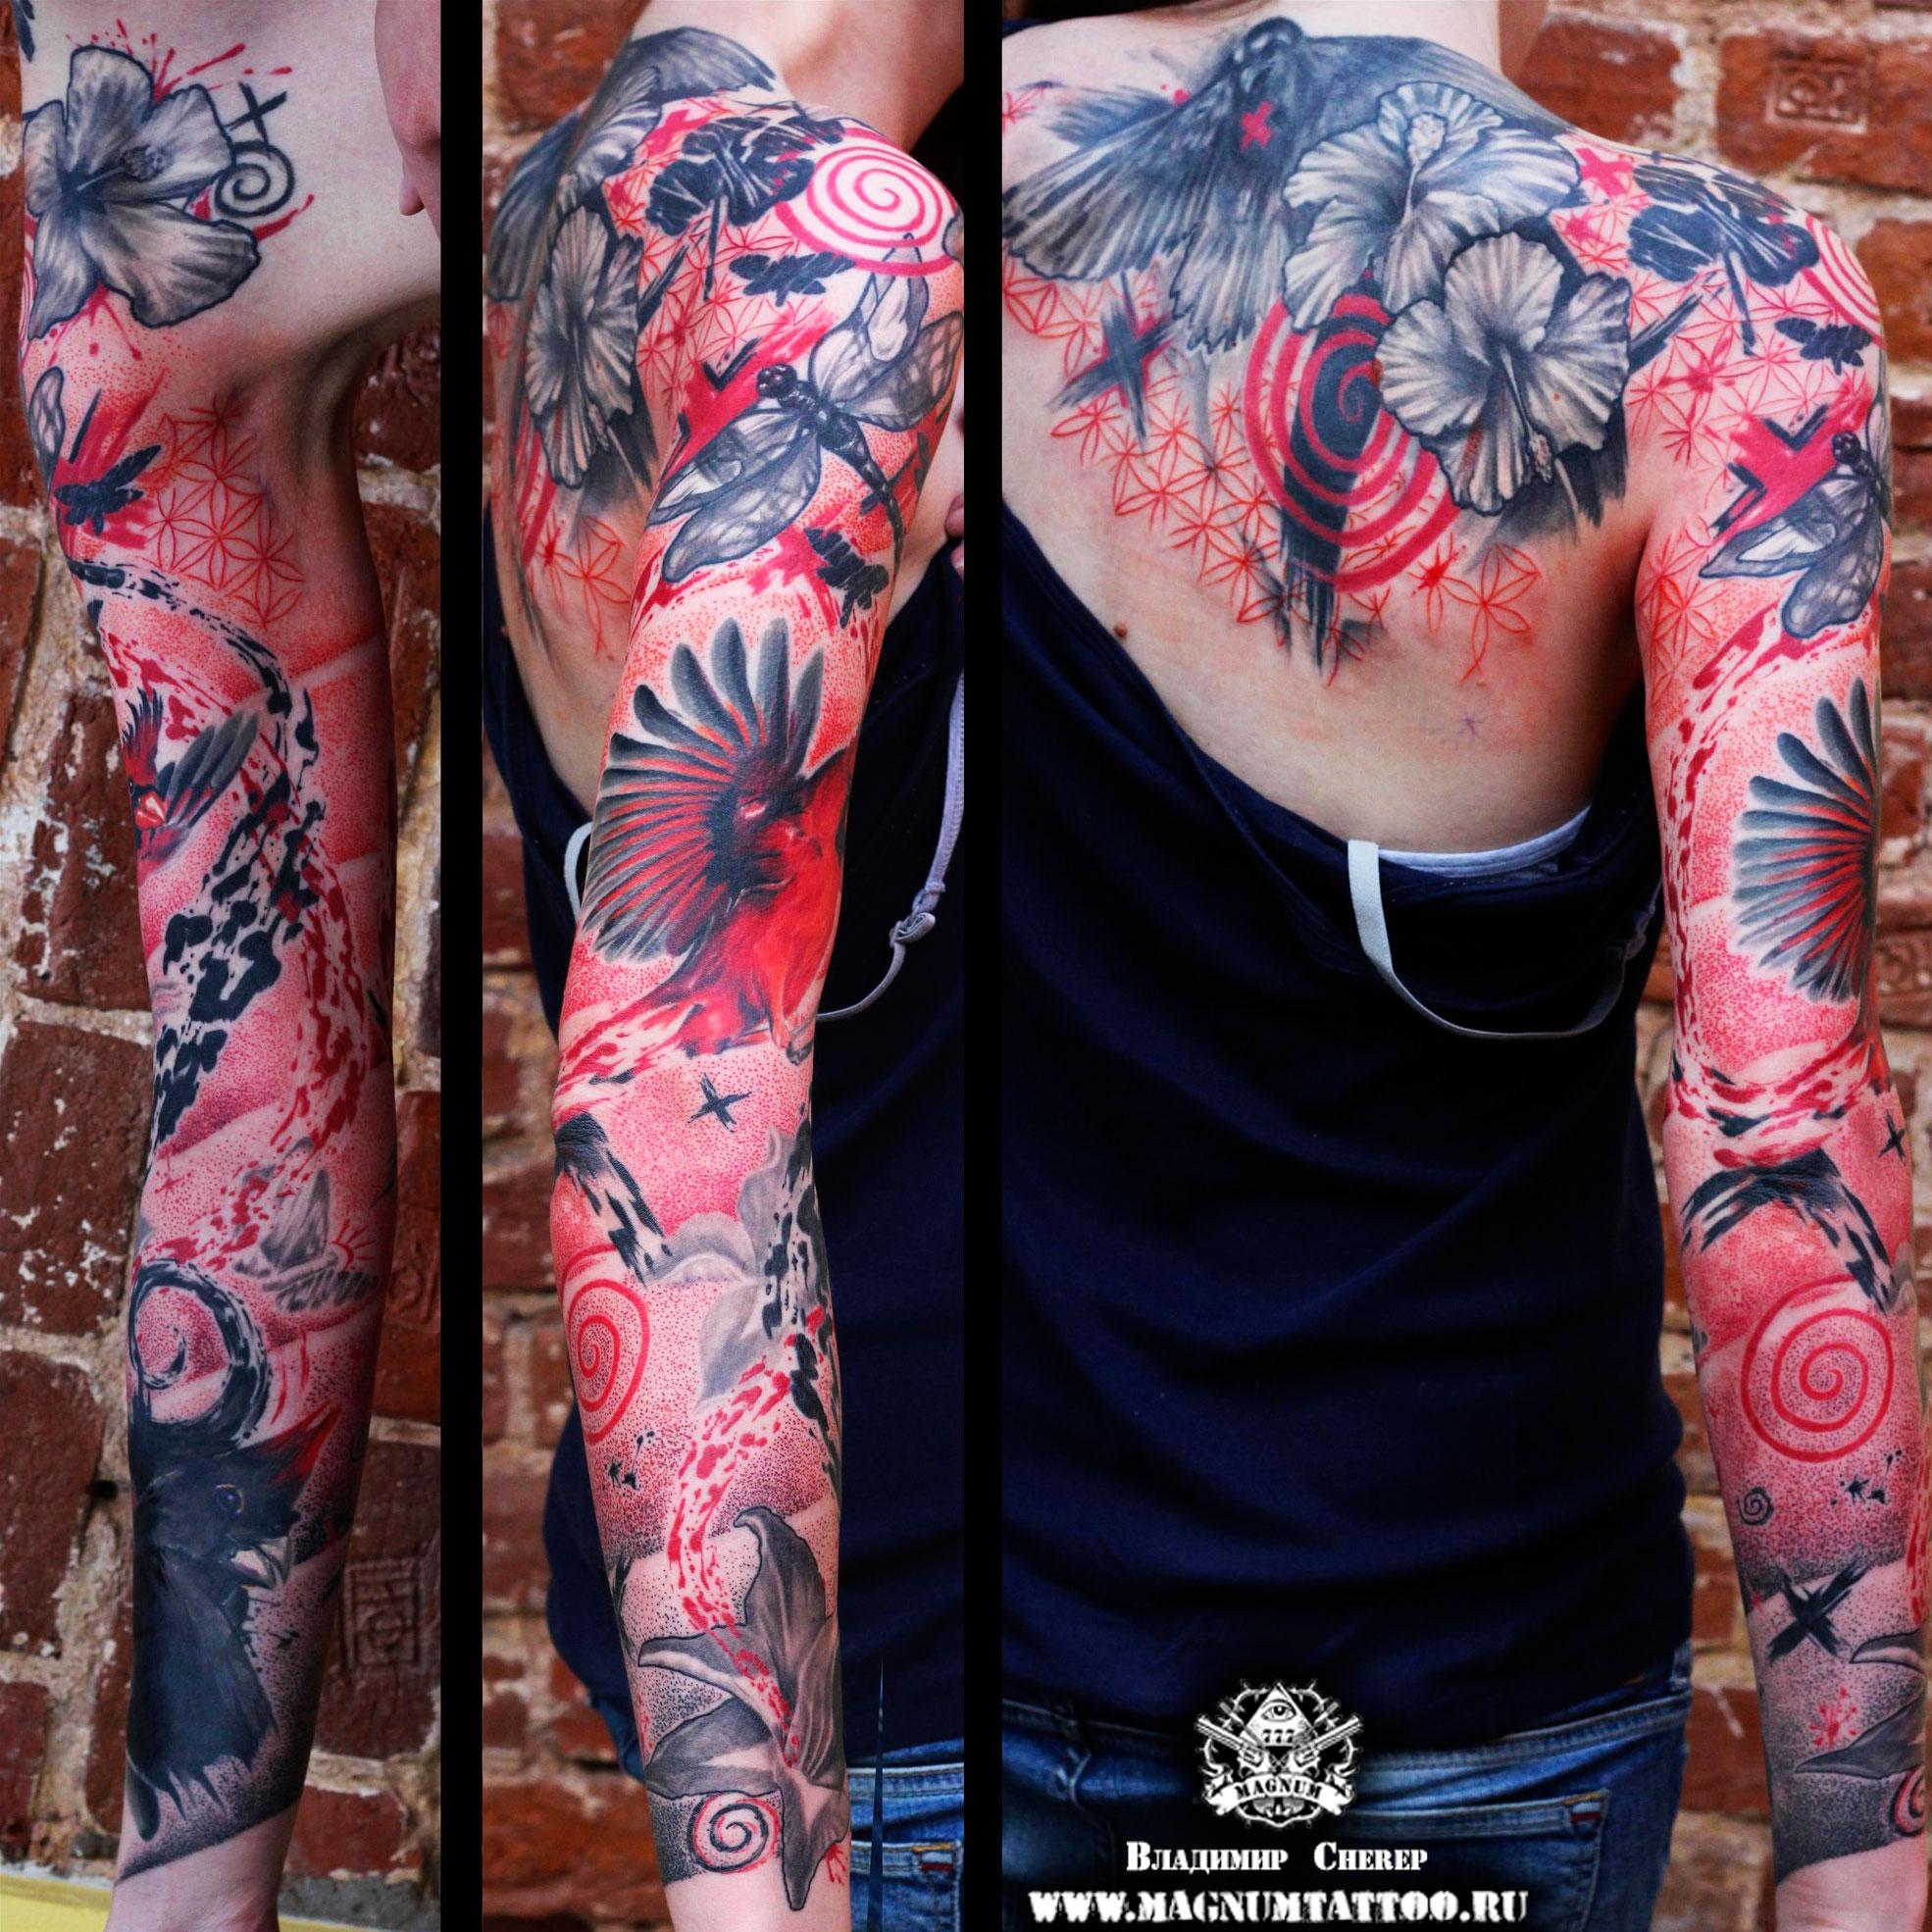 Женская тату на руке и спине в стиле треш-полька